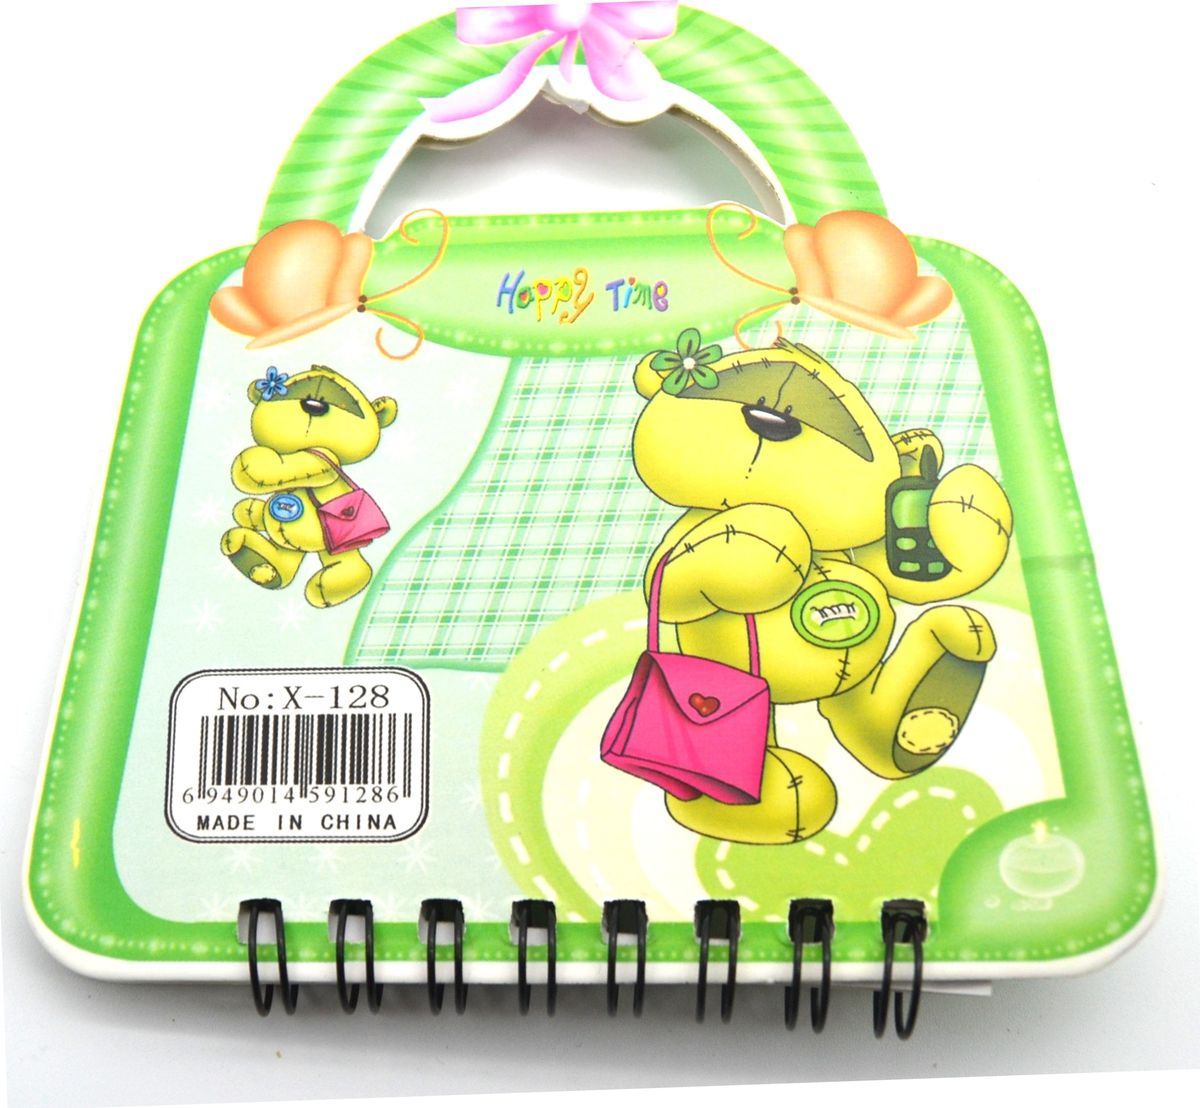 Карамба Блокнот Мишка на сумочке 50 листов в линейку цвет зеленый1121659Блокнот Карамба Мишка на сумочке с объемным изображением мишки на лицевой стороне выполнен в виде сумочки с ручками. Блокнот содержит 50 листов в линейку. Листики окрашены в голубой и зеленый цвета. На каждом листочке изображен мишка.